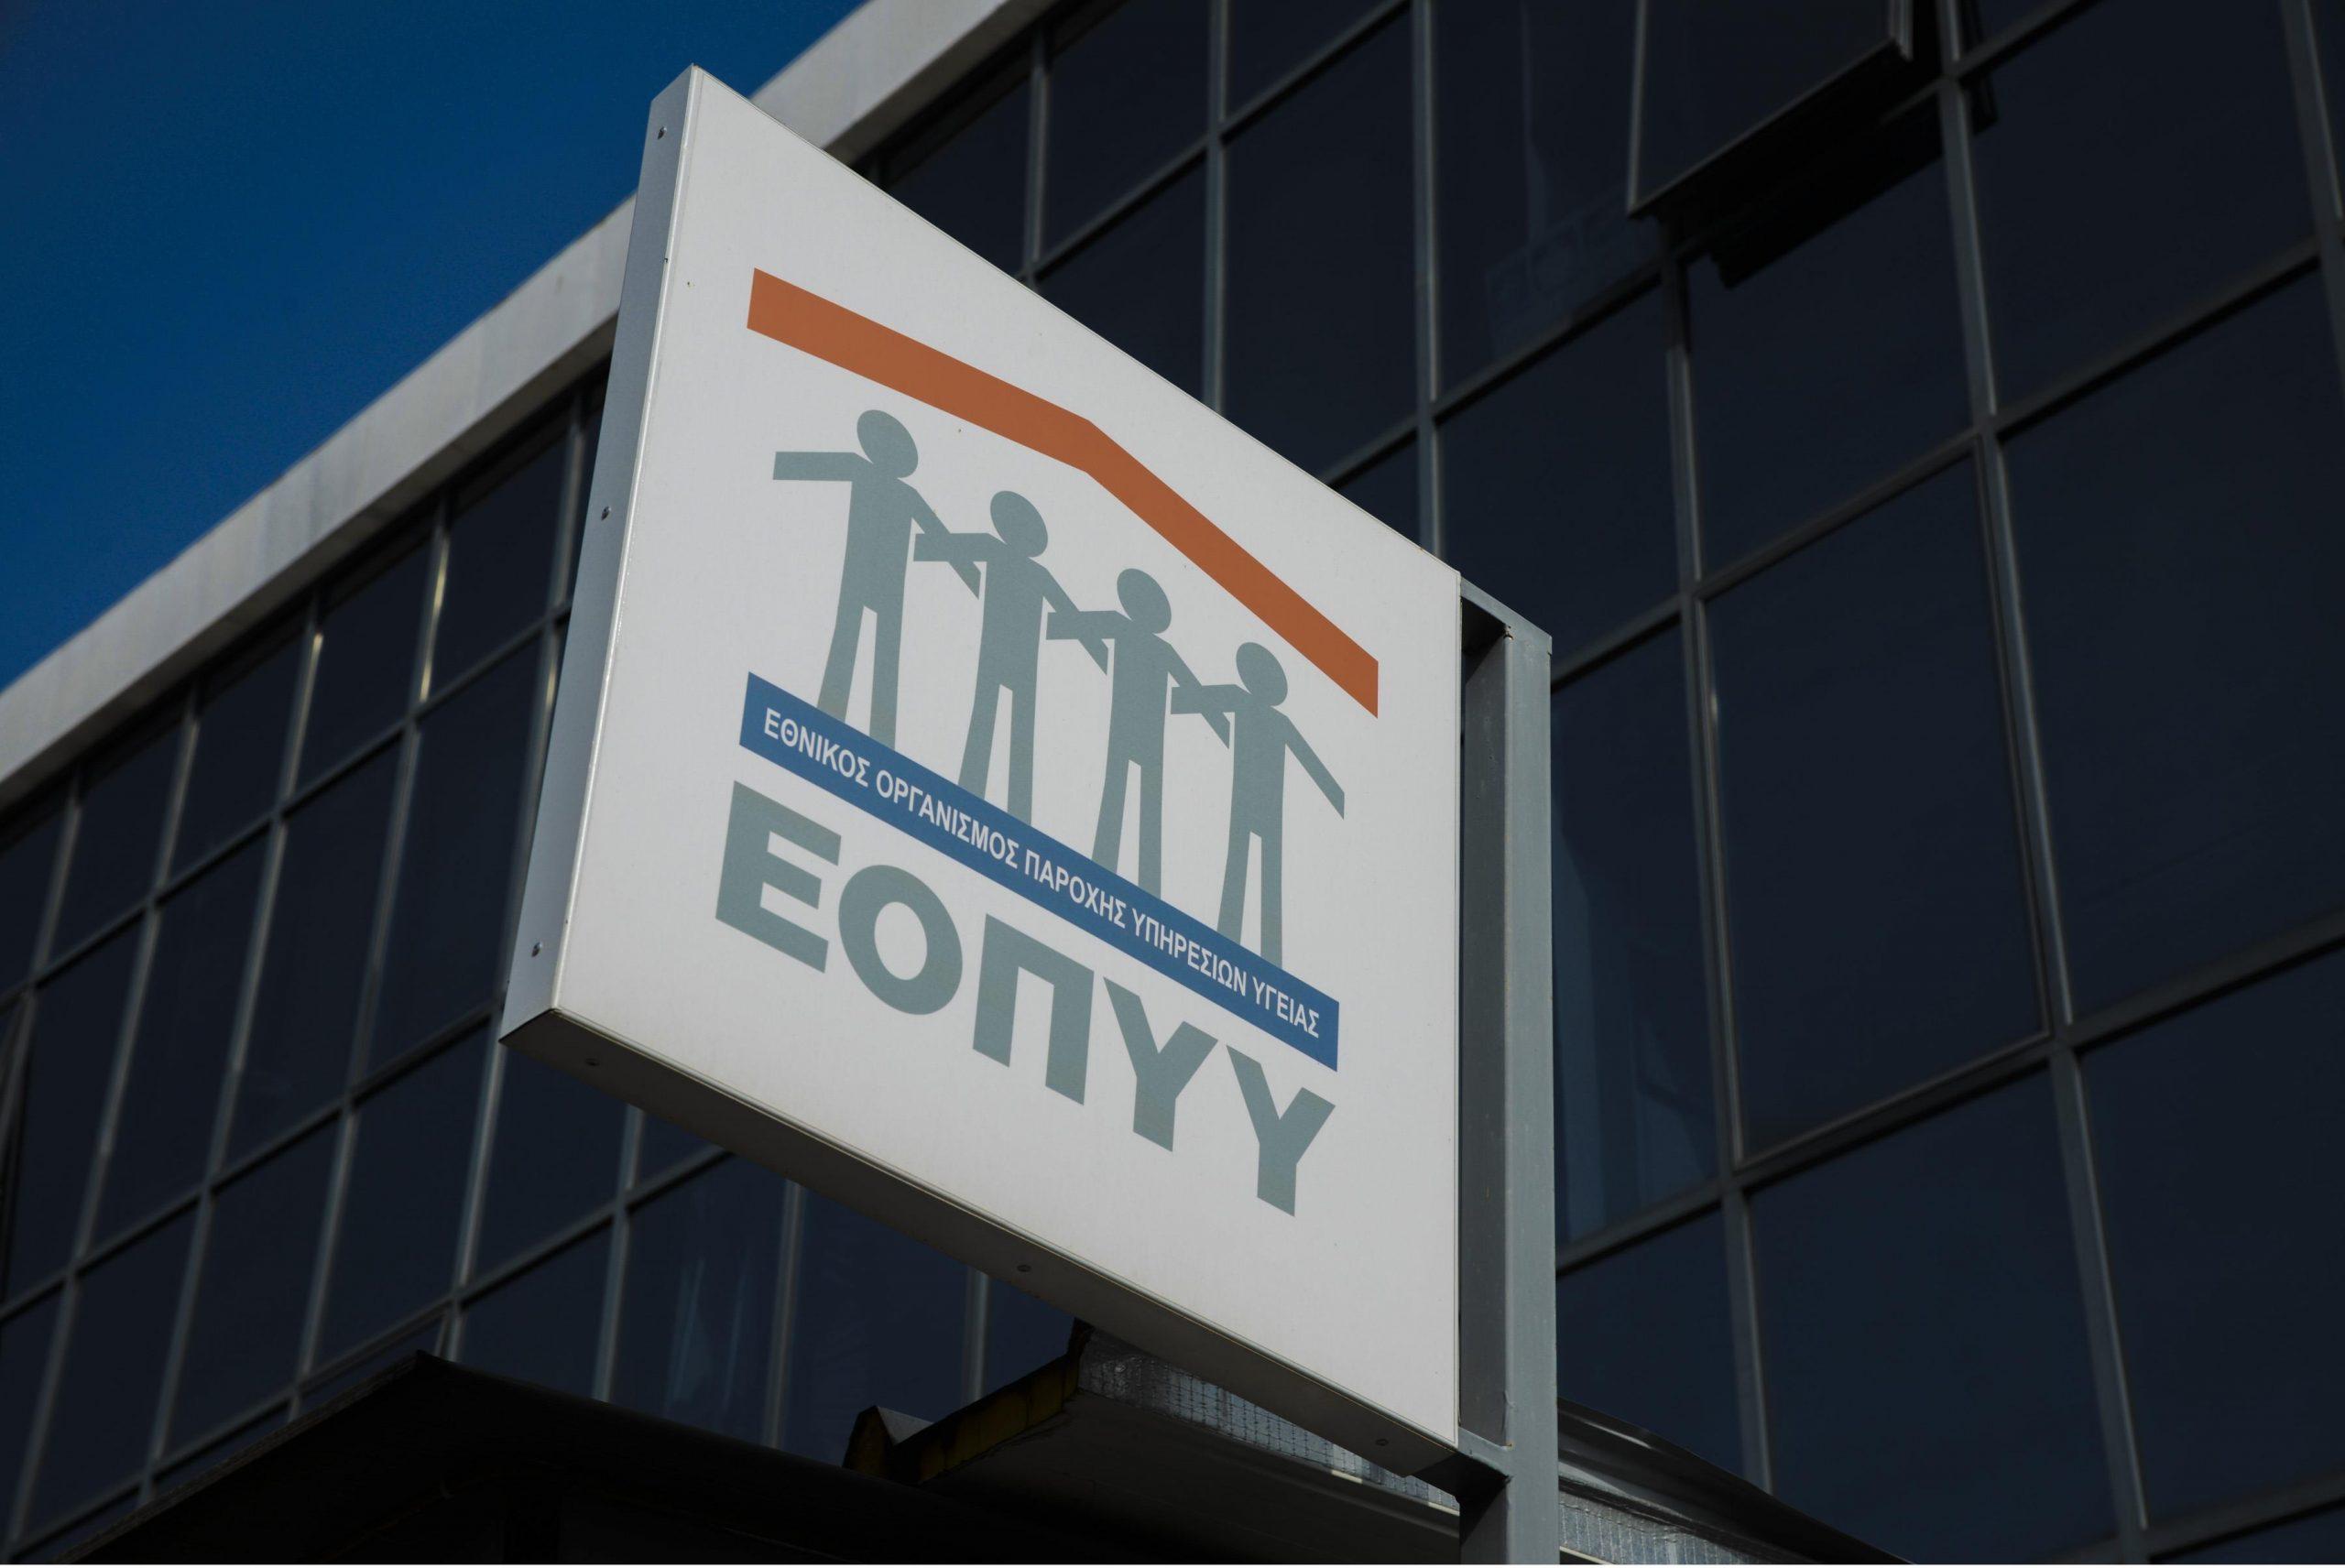 ΕΟΠΥΥ: Το νέο διοικητικό συμβούλιο